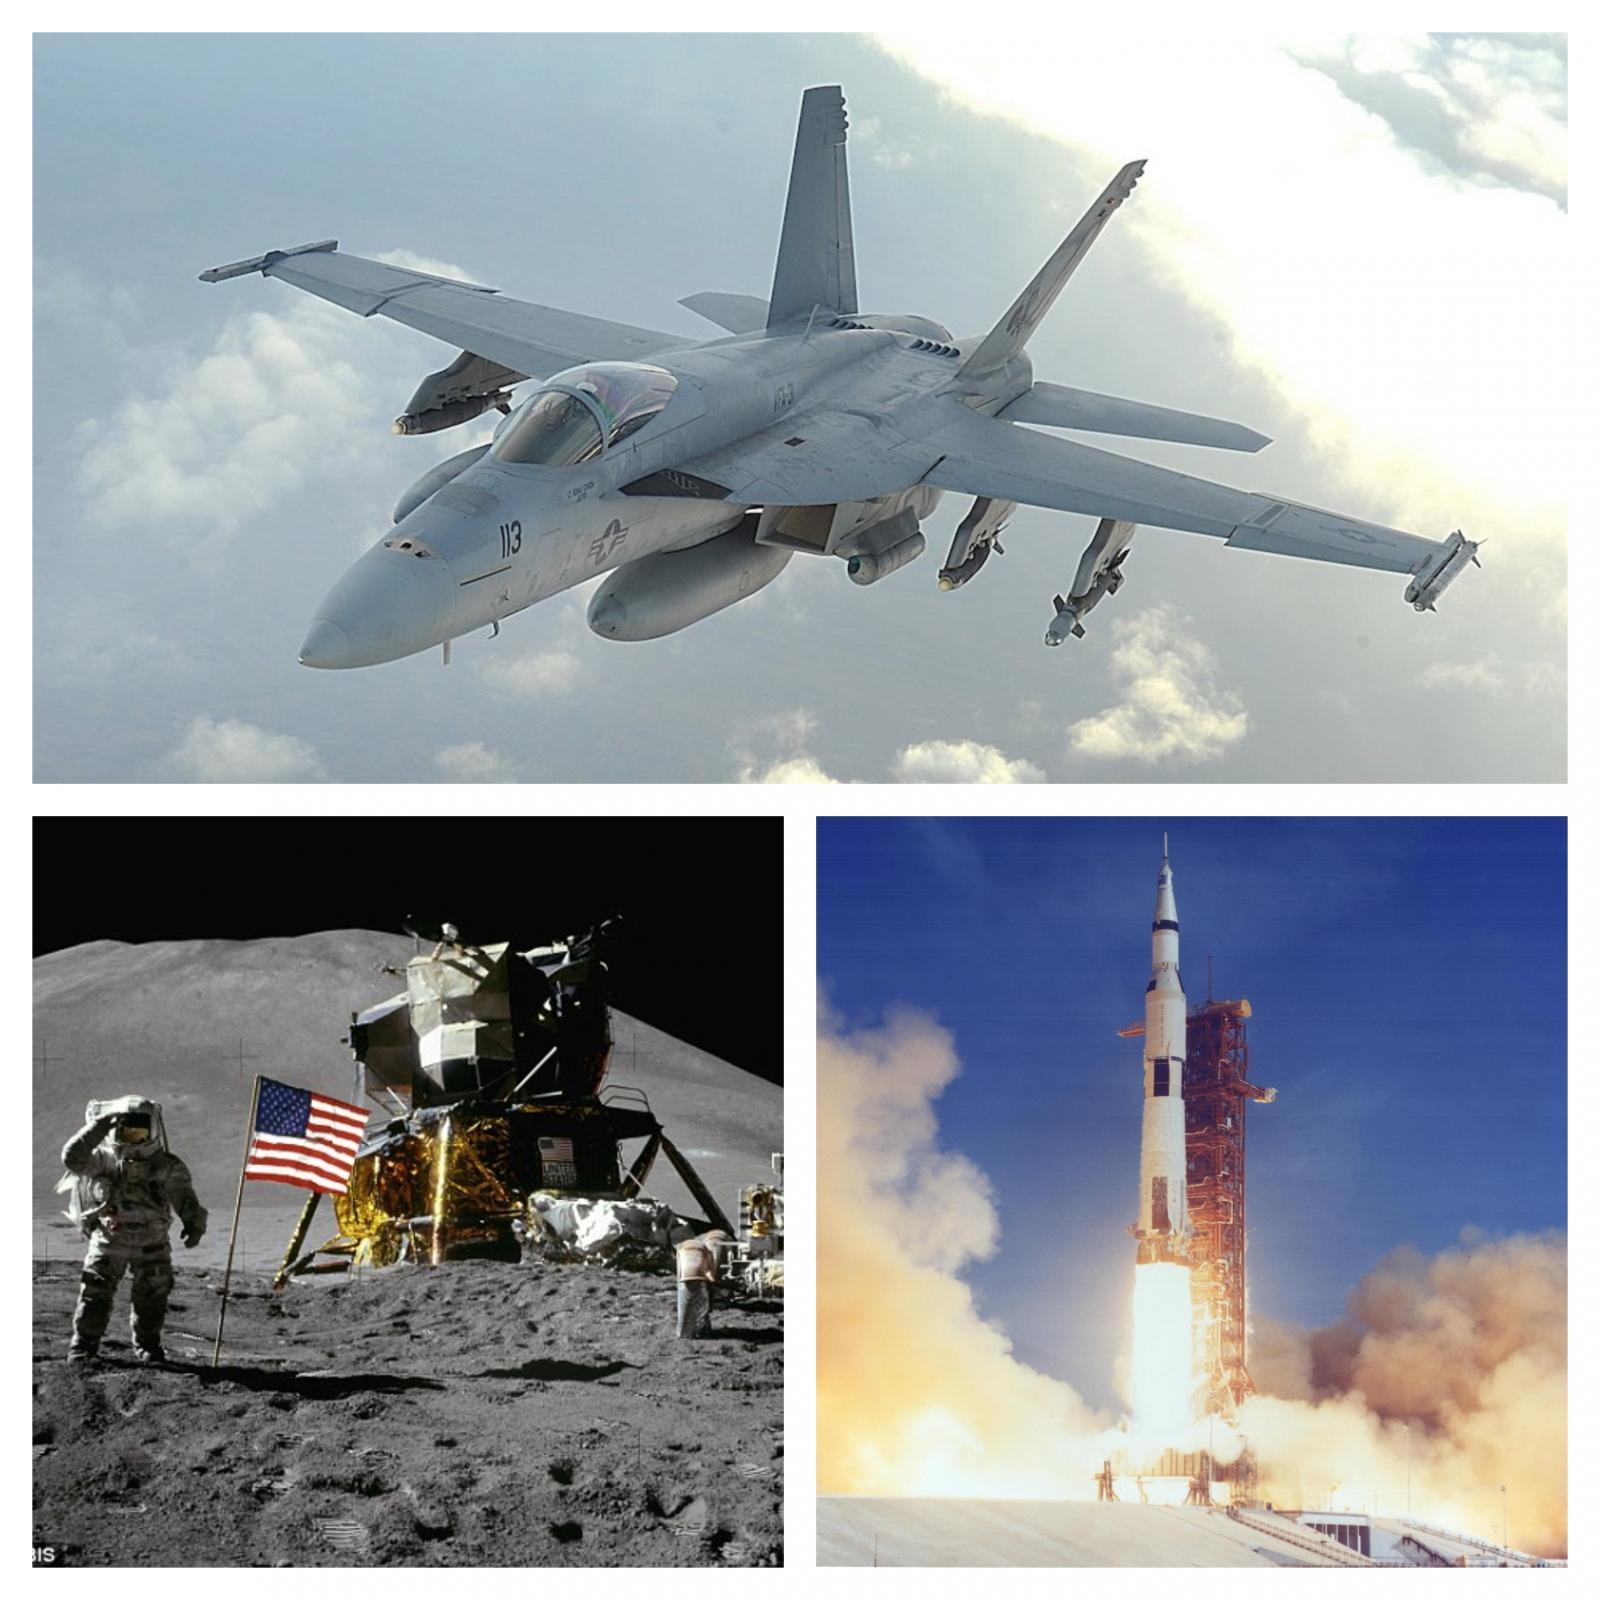 F 18, pristanek na Luni in izstrelitev Saturna V v programu Apollo